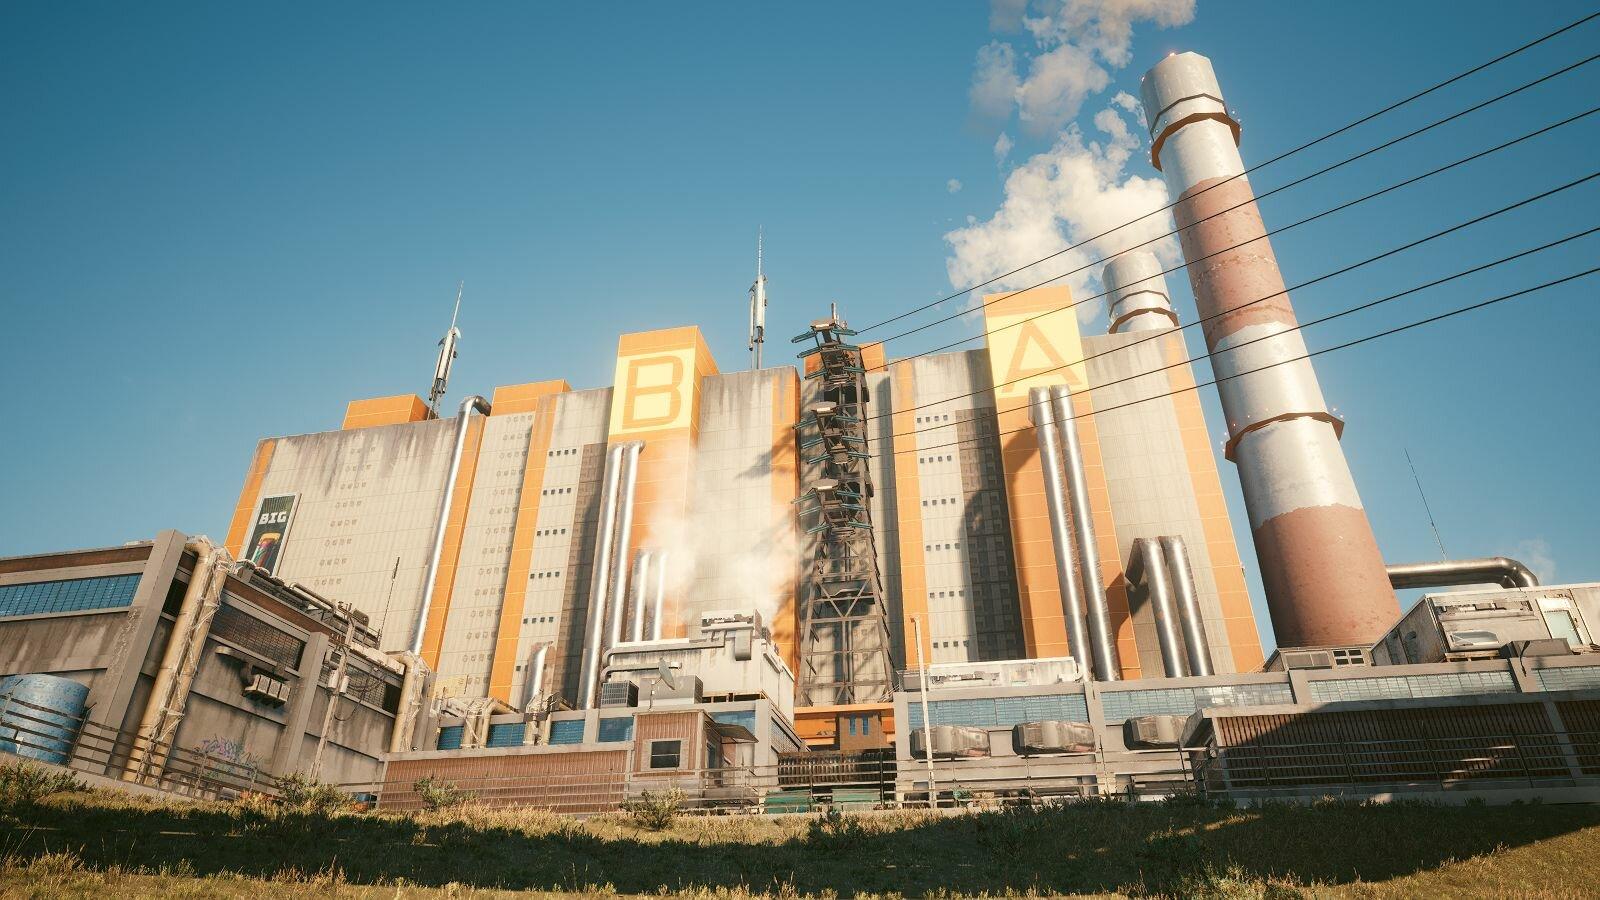 Есть заводы напоминающие - цех Корвега,